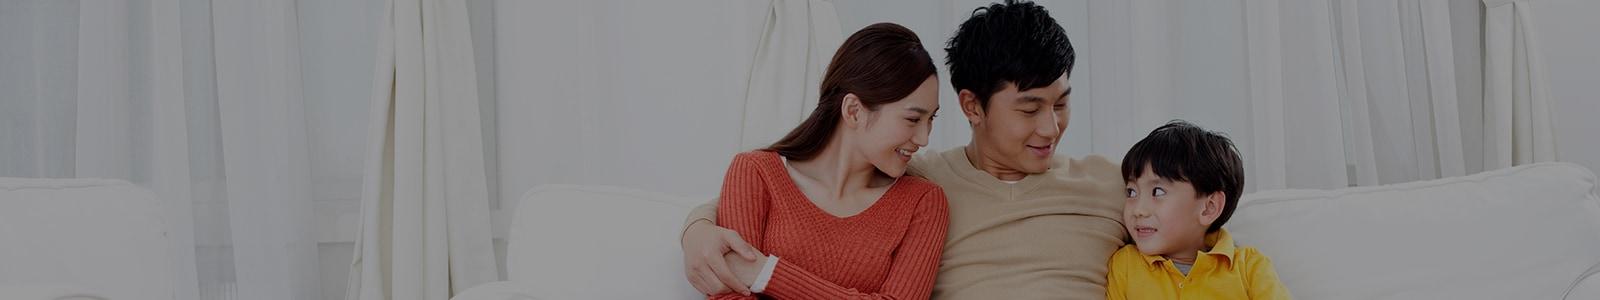 Loan parents money photo 7